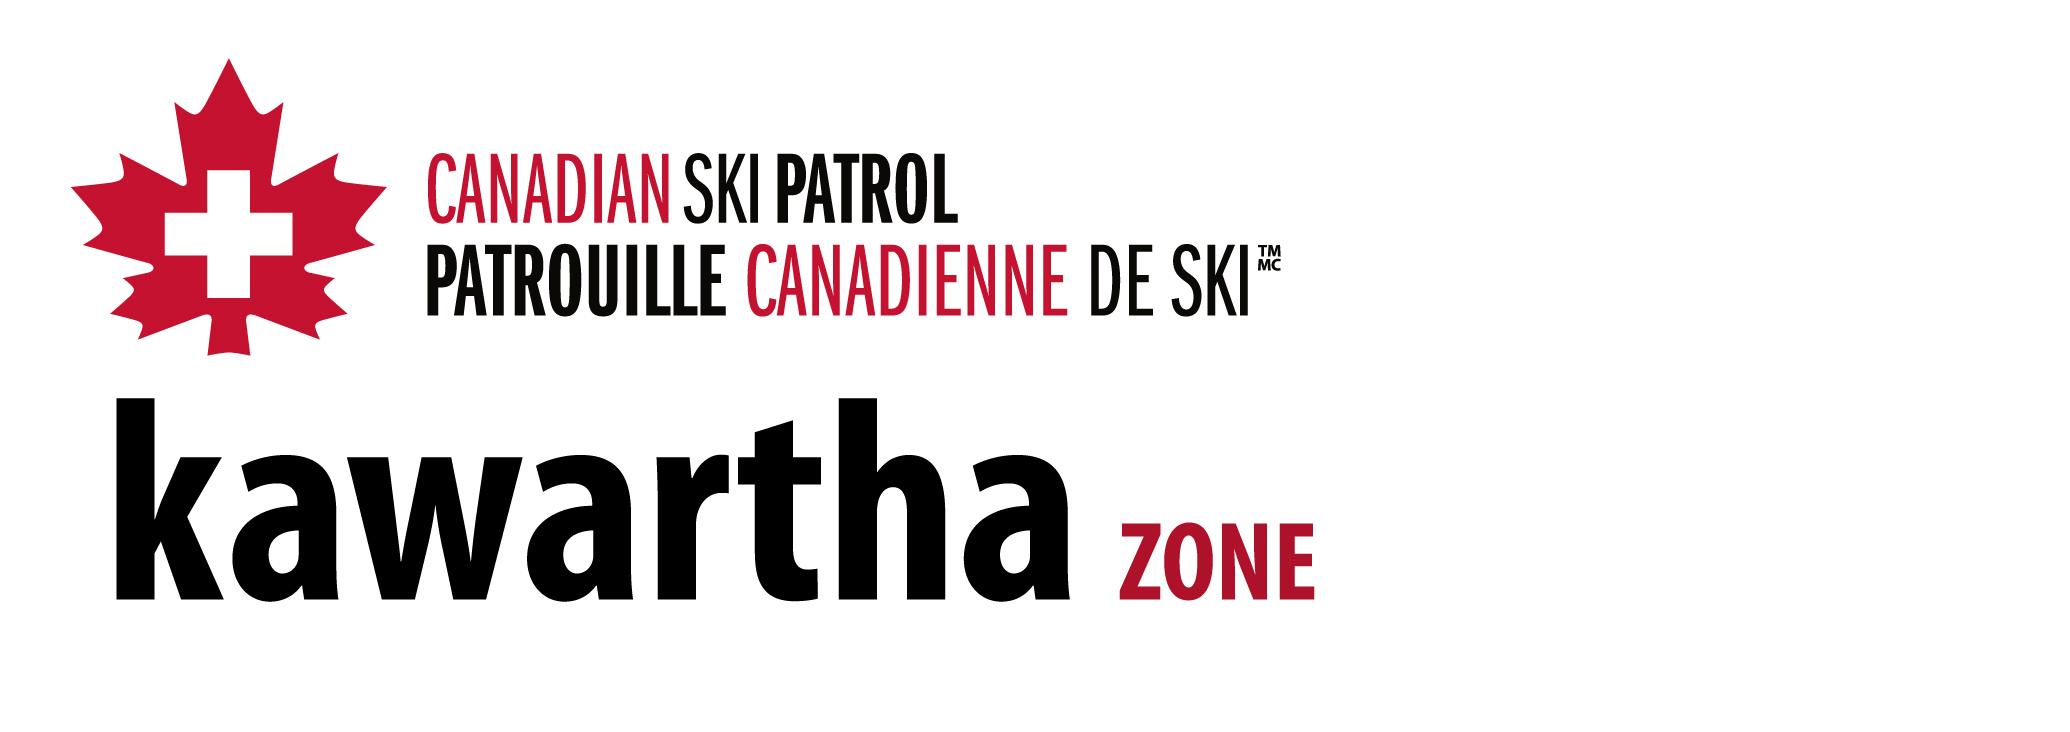 Canadian Ski Patrol: Kawartha Zone